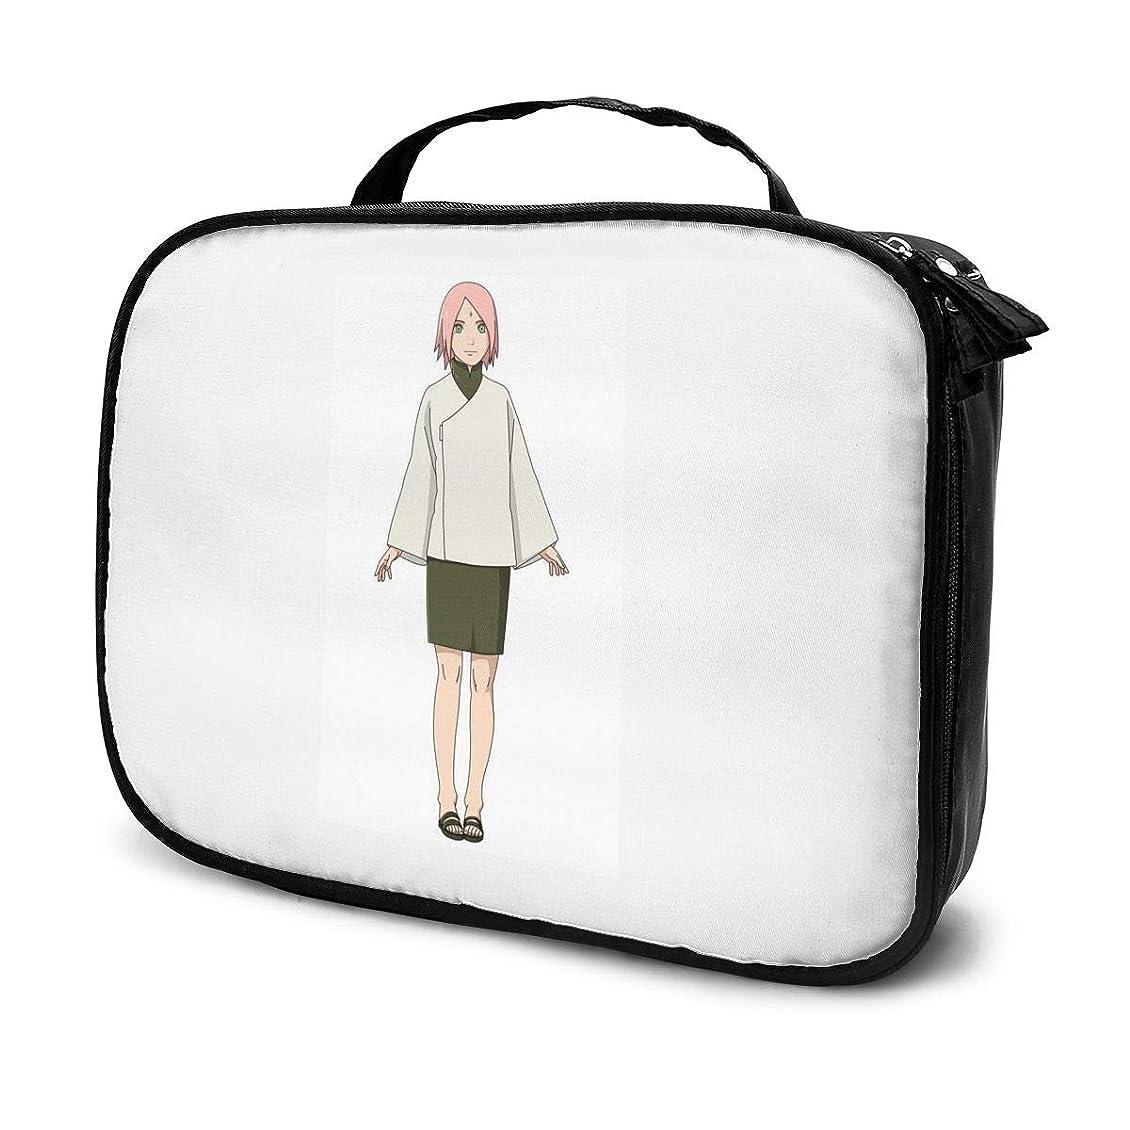 ファックス基準拡散するDaitu春野さくら 化粧品袋の女性旅行バッグ収納大容量防水アクセサリー旅行